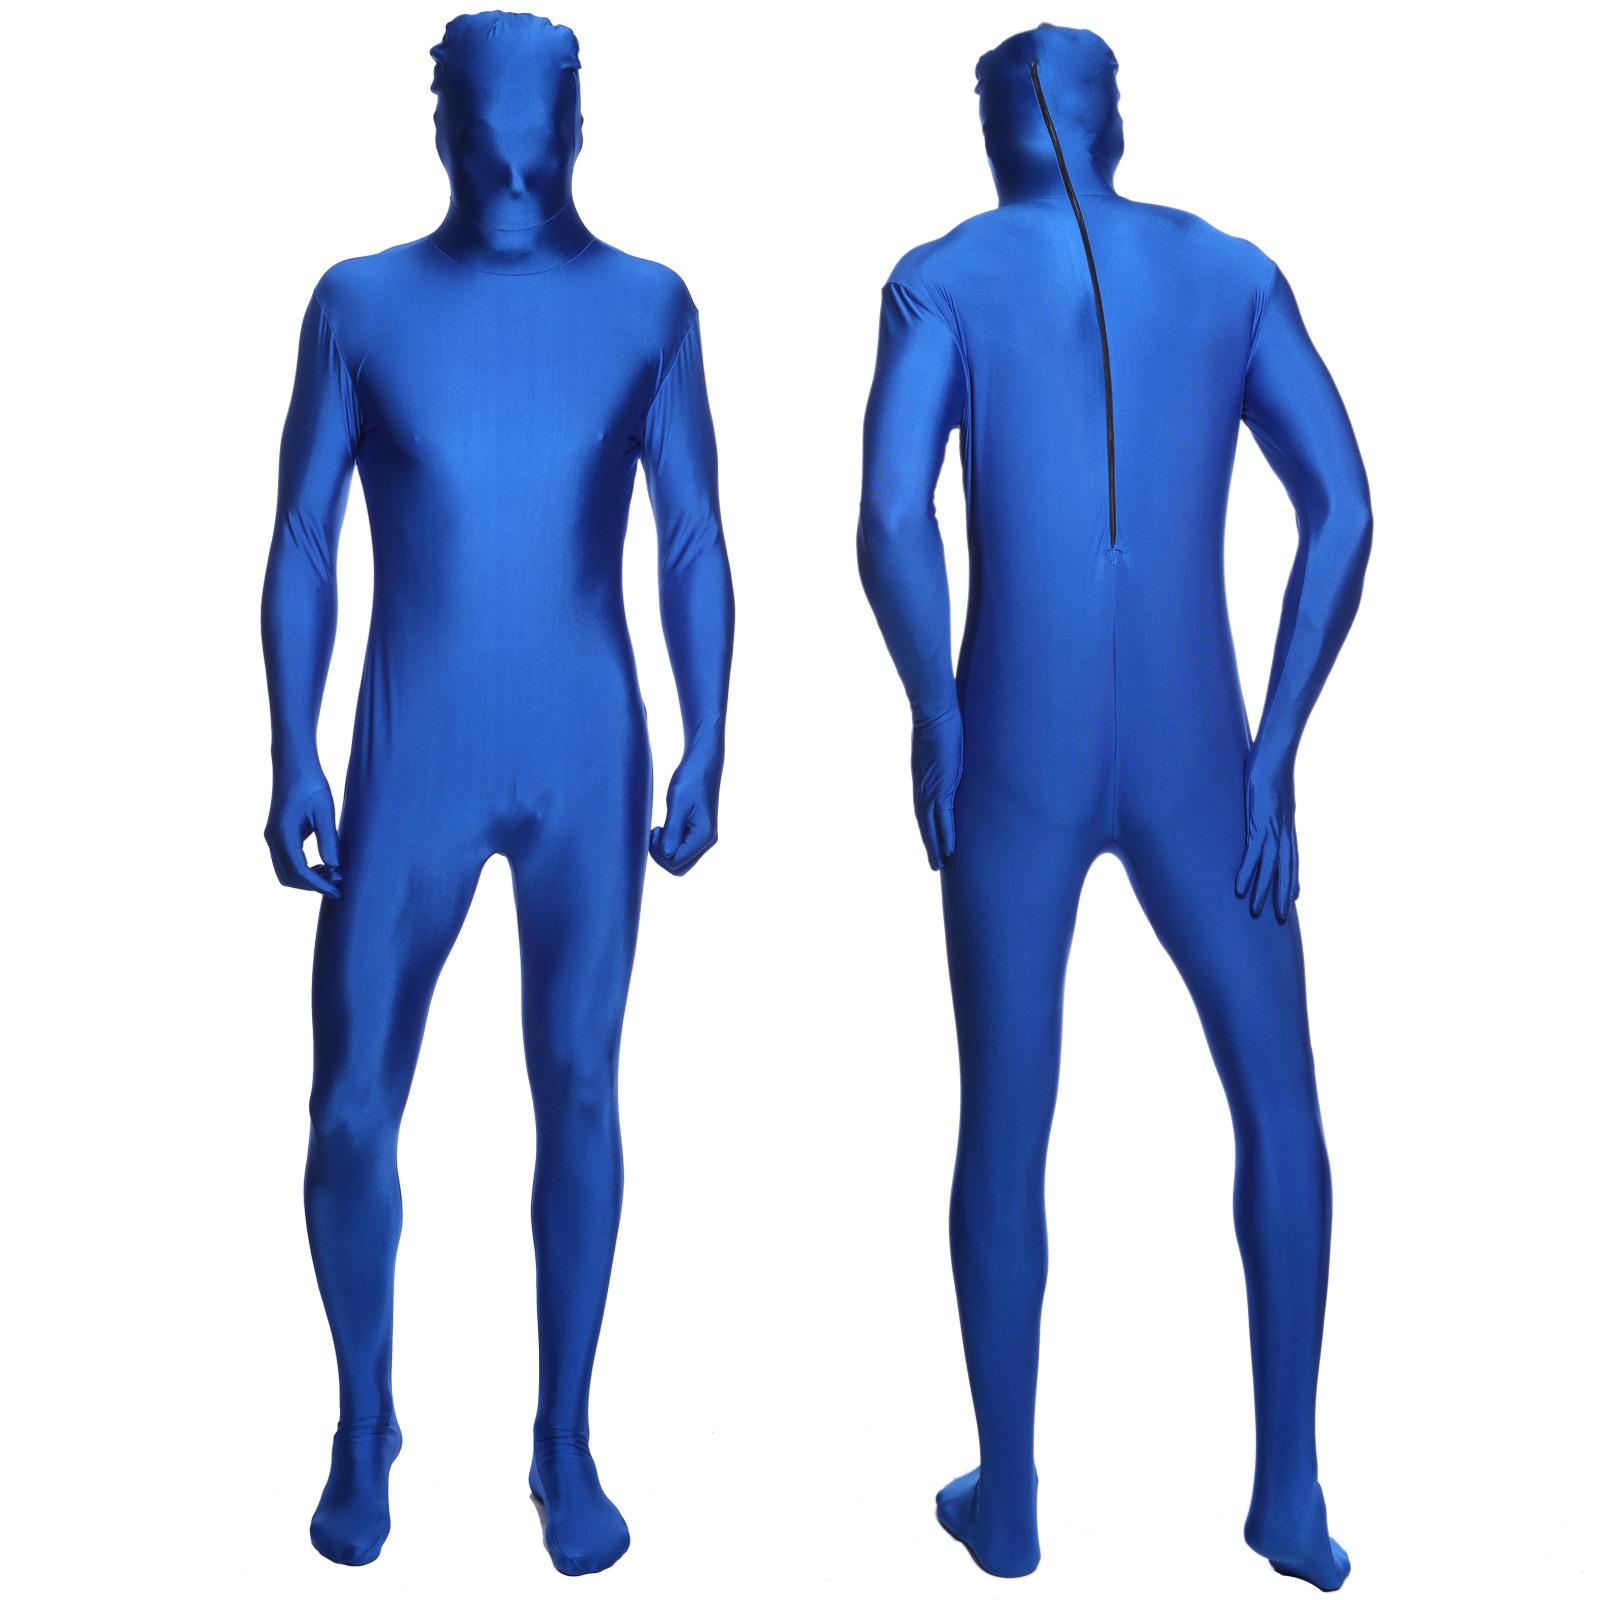 spandex suit